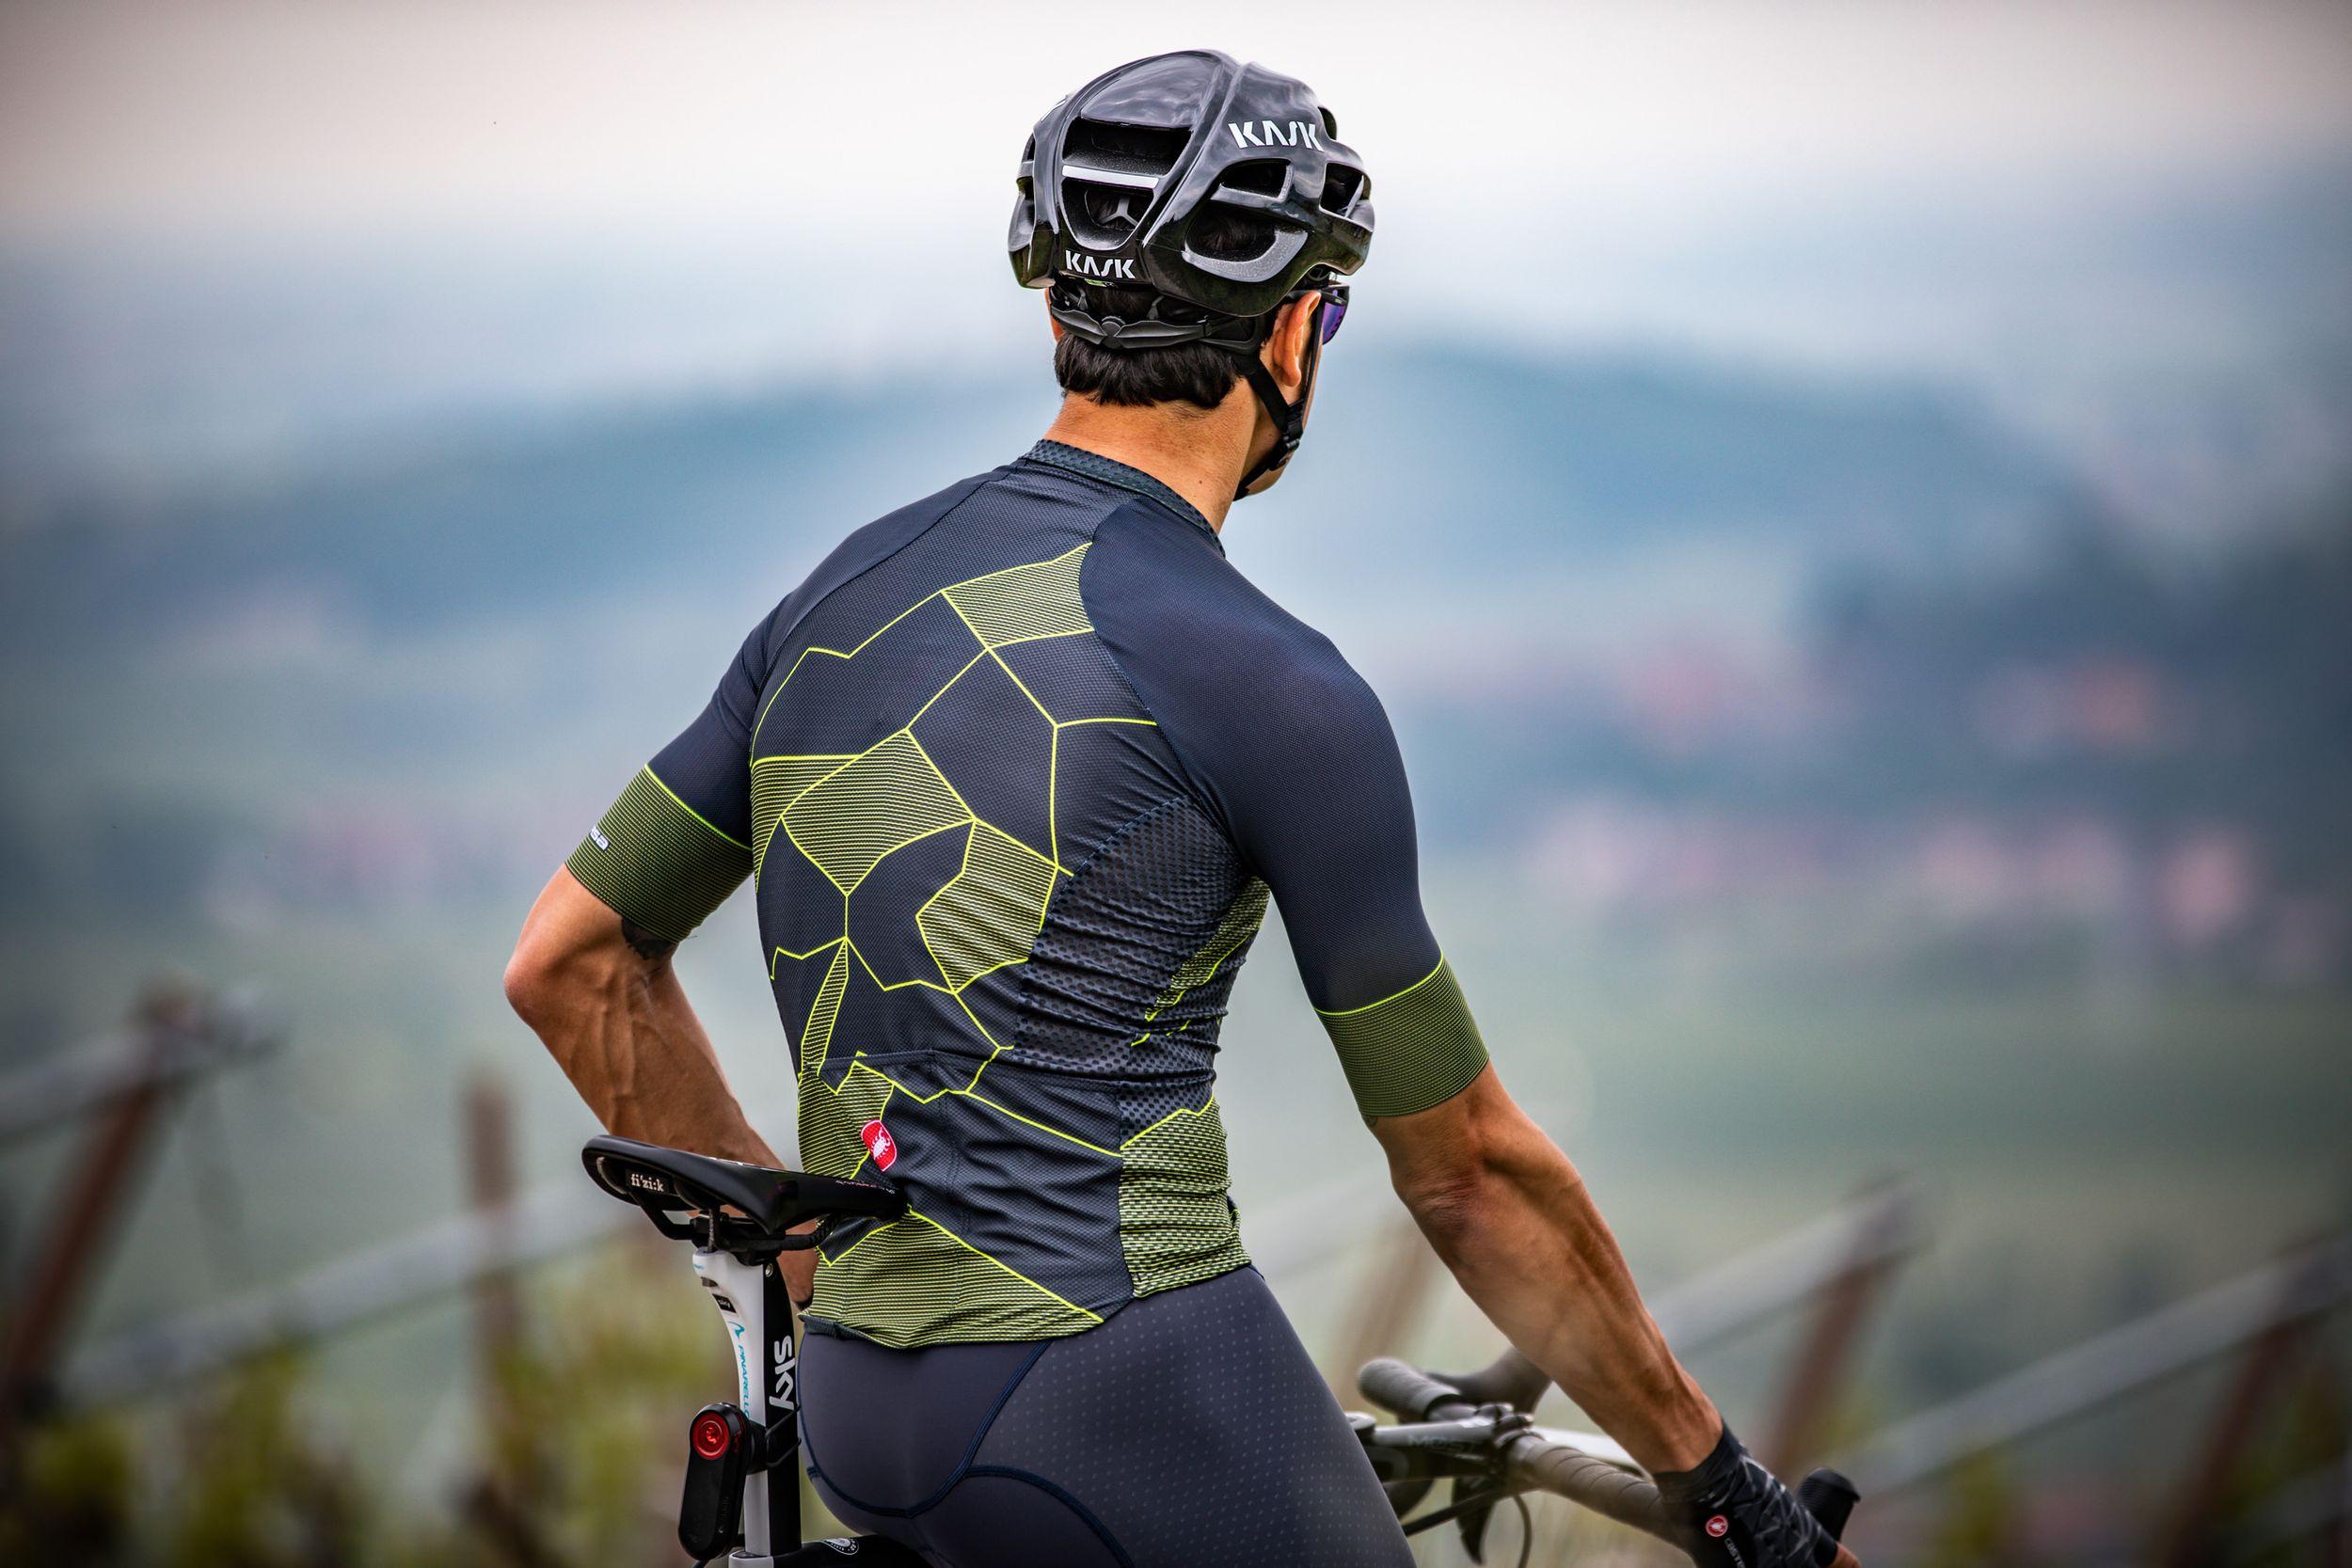 Fietsshirt voor warm weer - Castelli Climber's 3 jersey